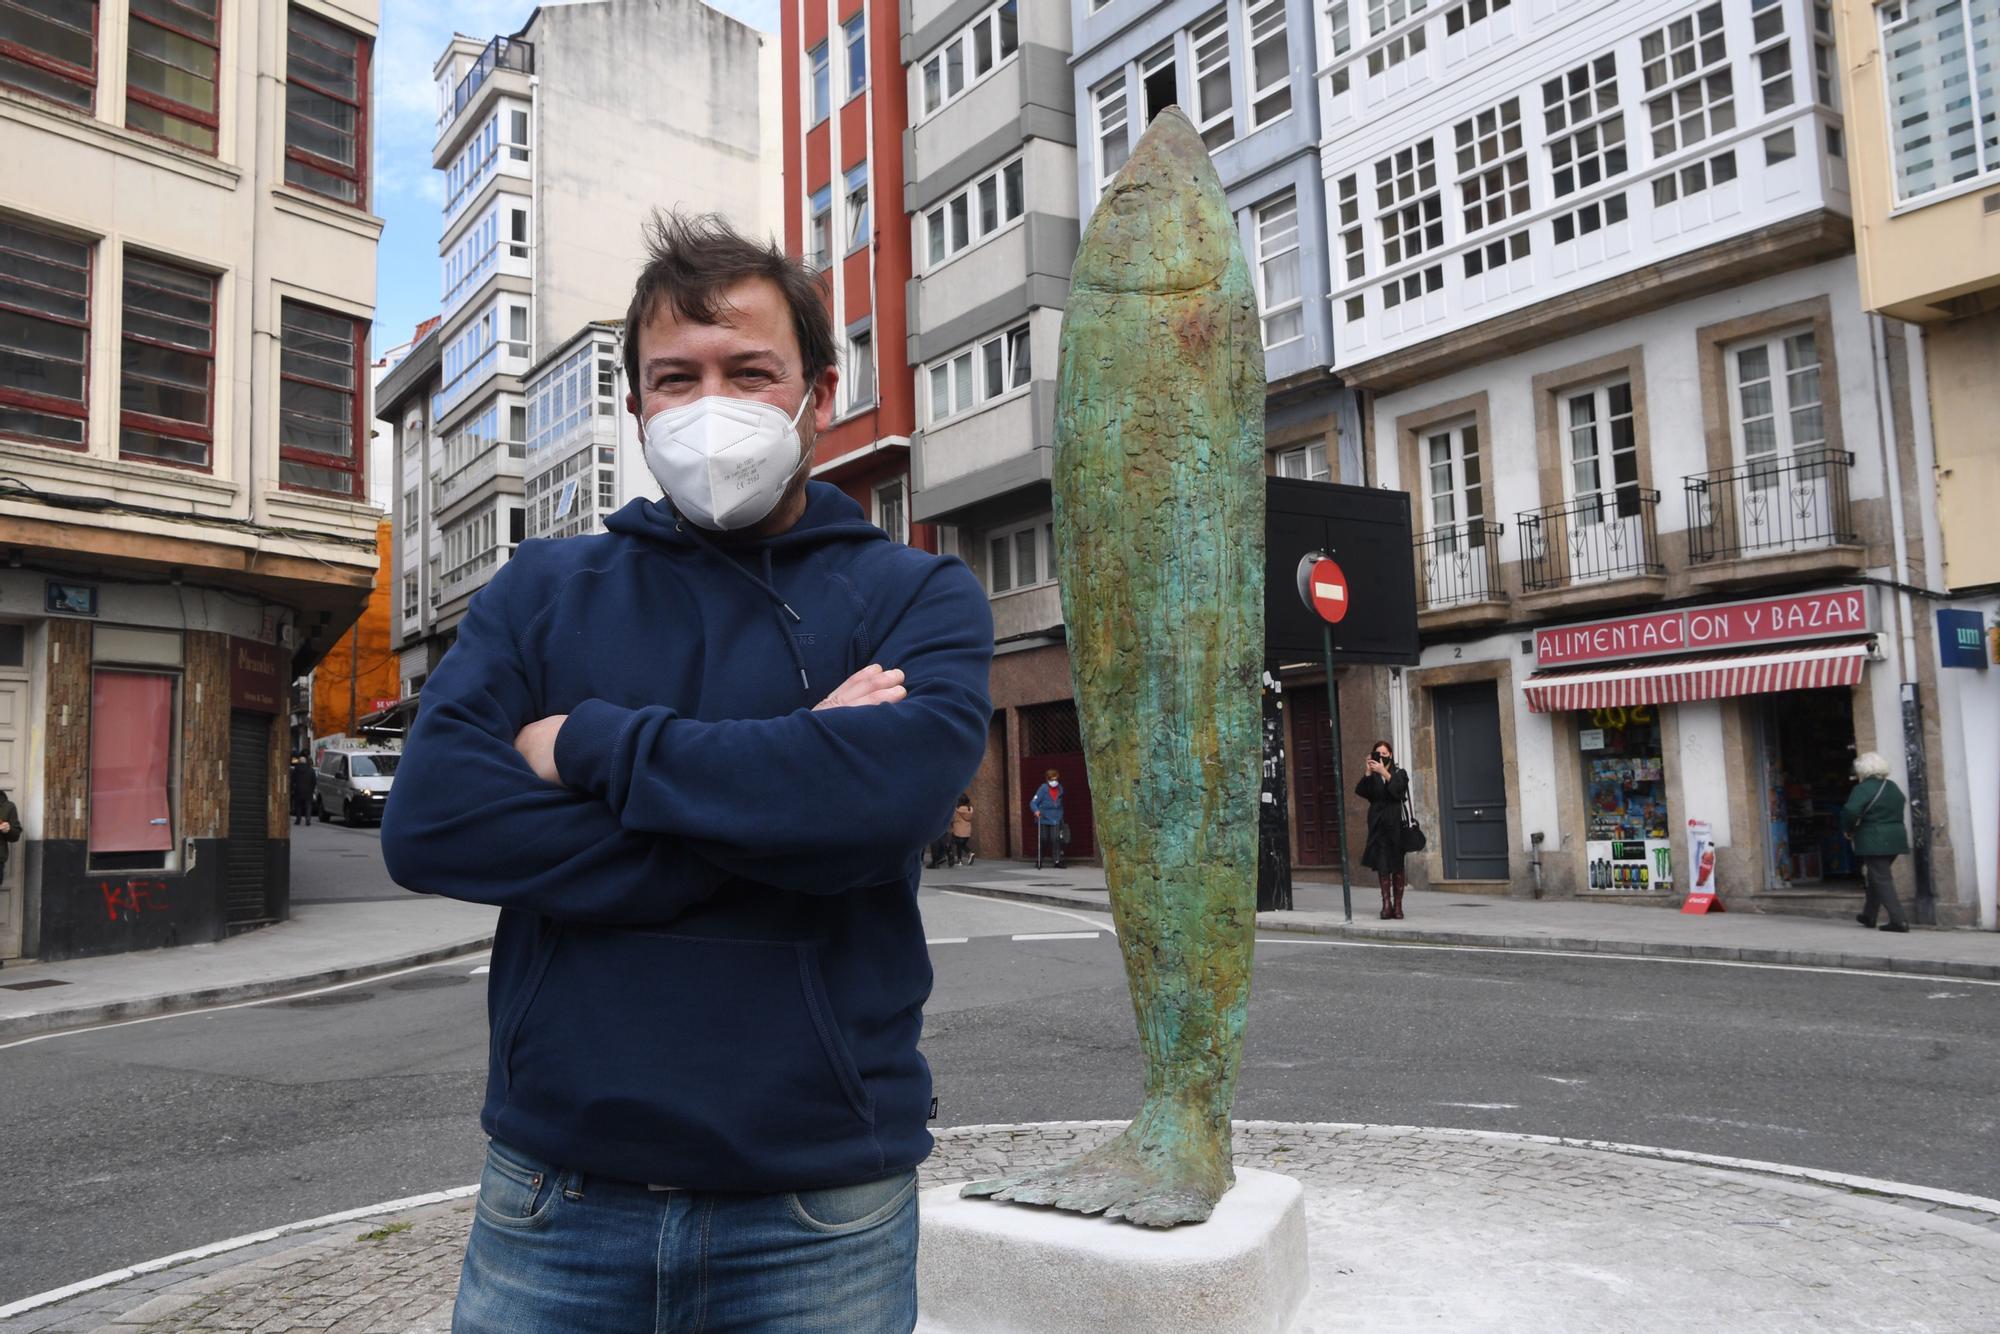 La escultura de una sardina en el Campo da leña rinde homenaje al Entroido coruñés y a la fiesta de San Juan